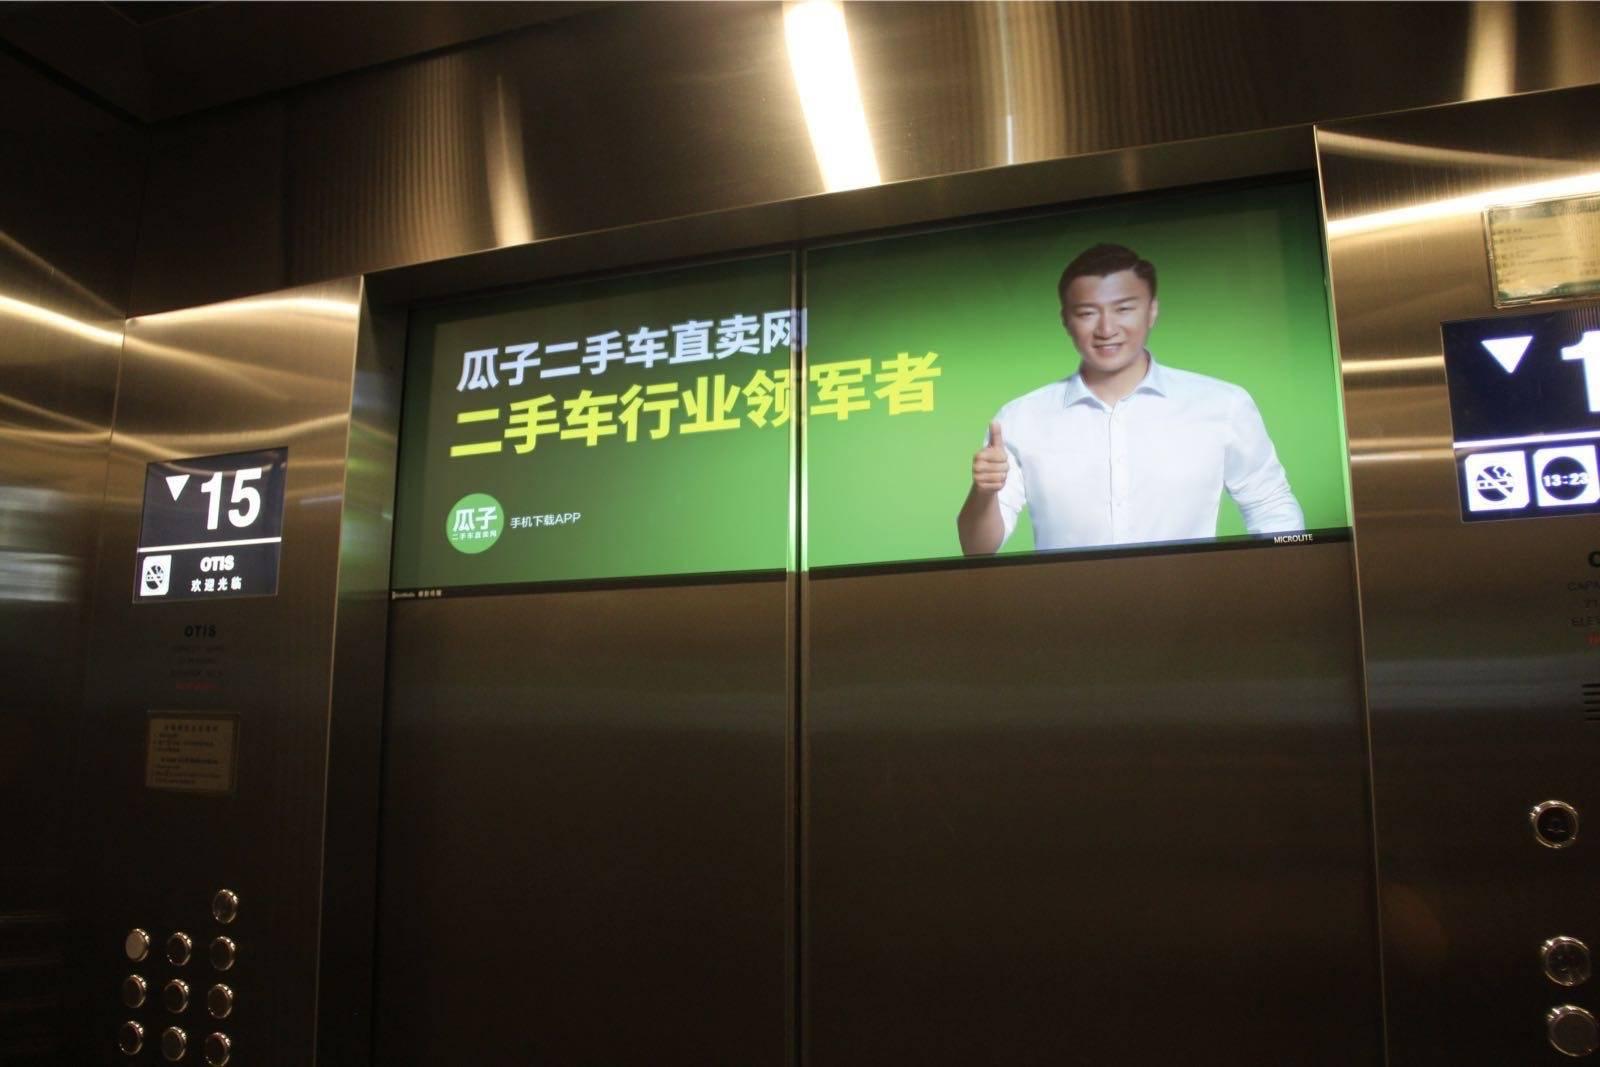 昆明电梯门投影广告